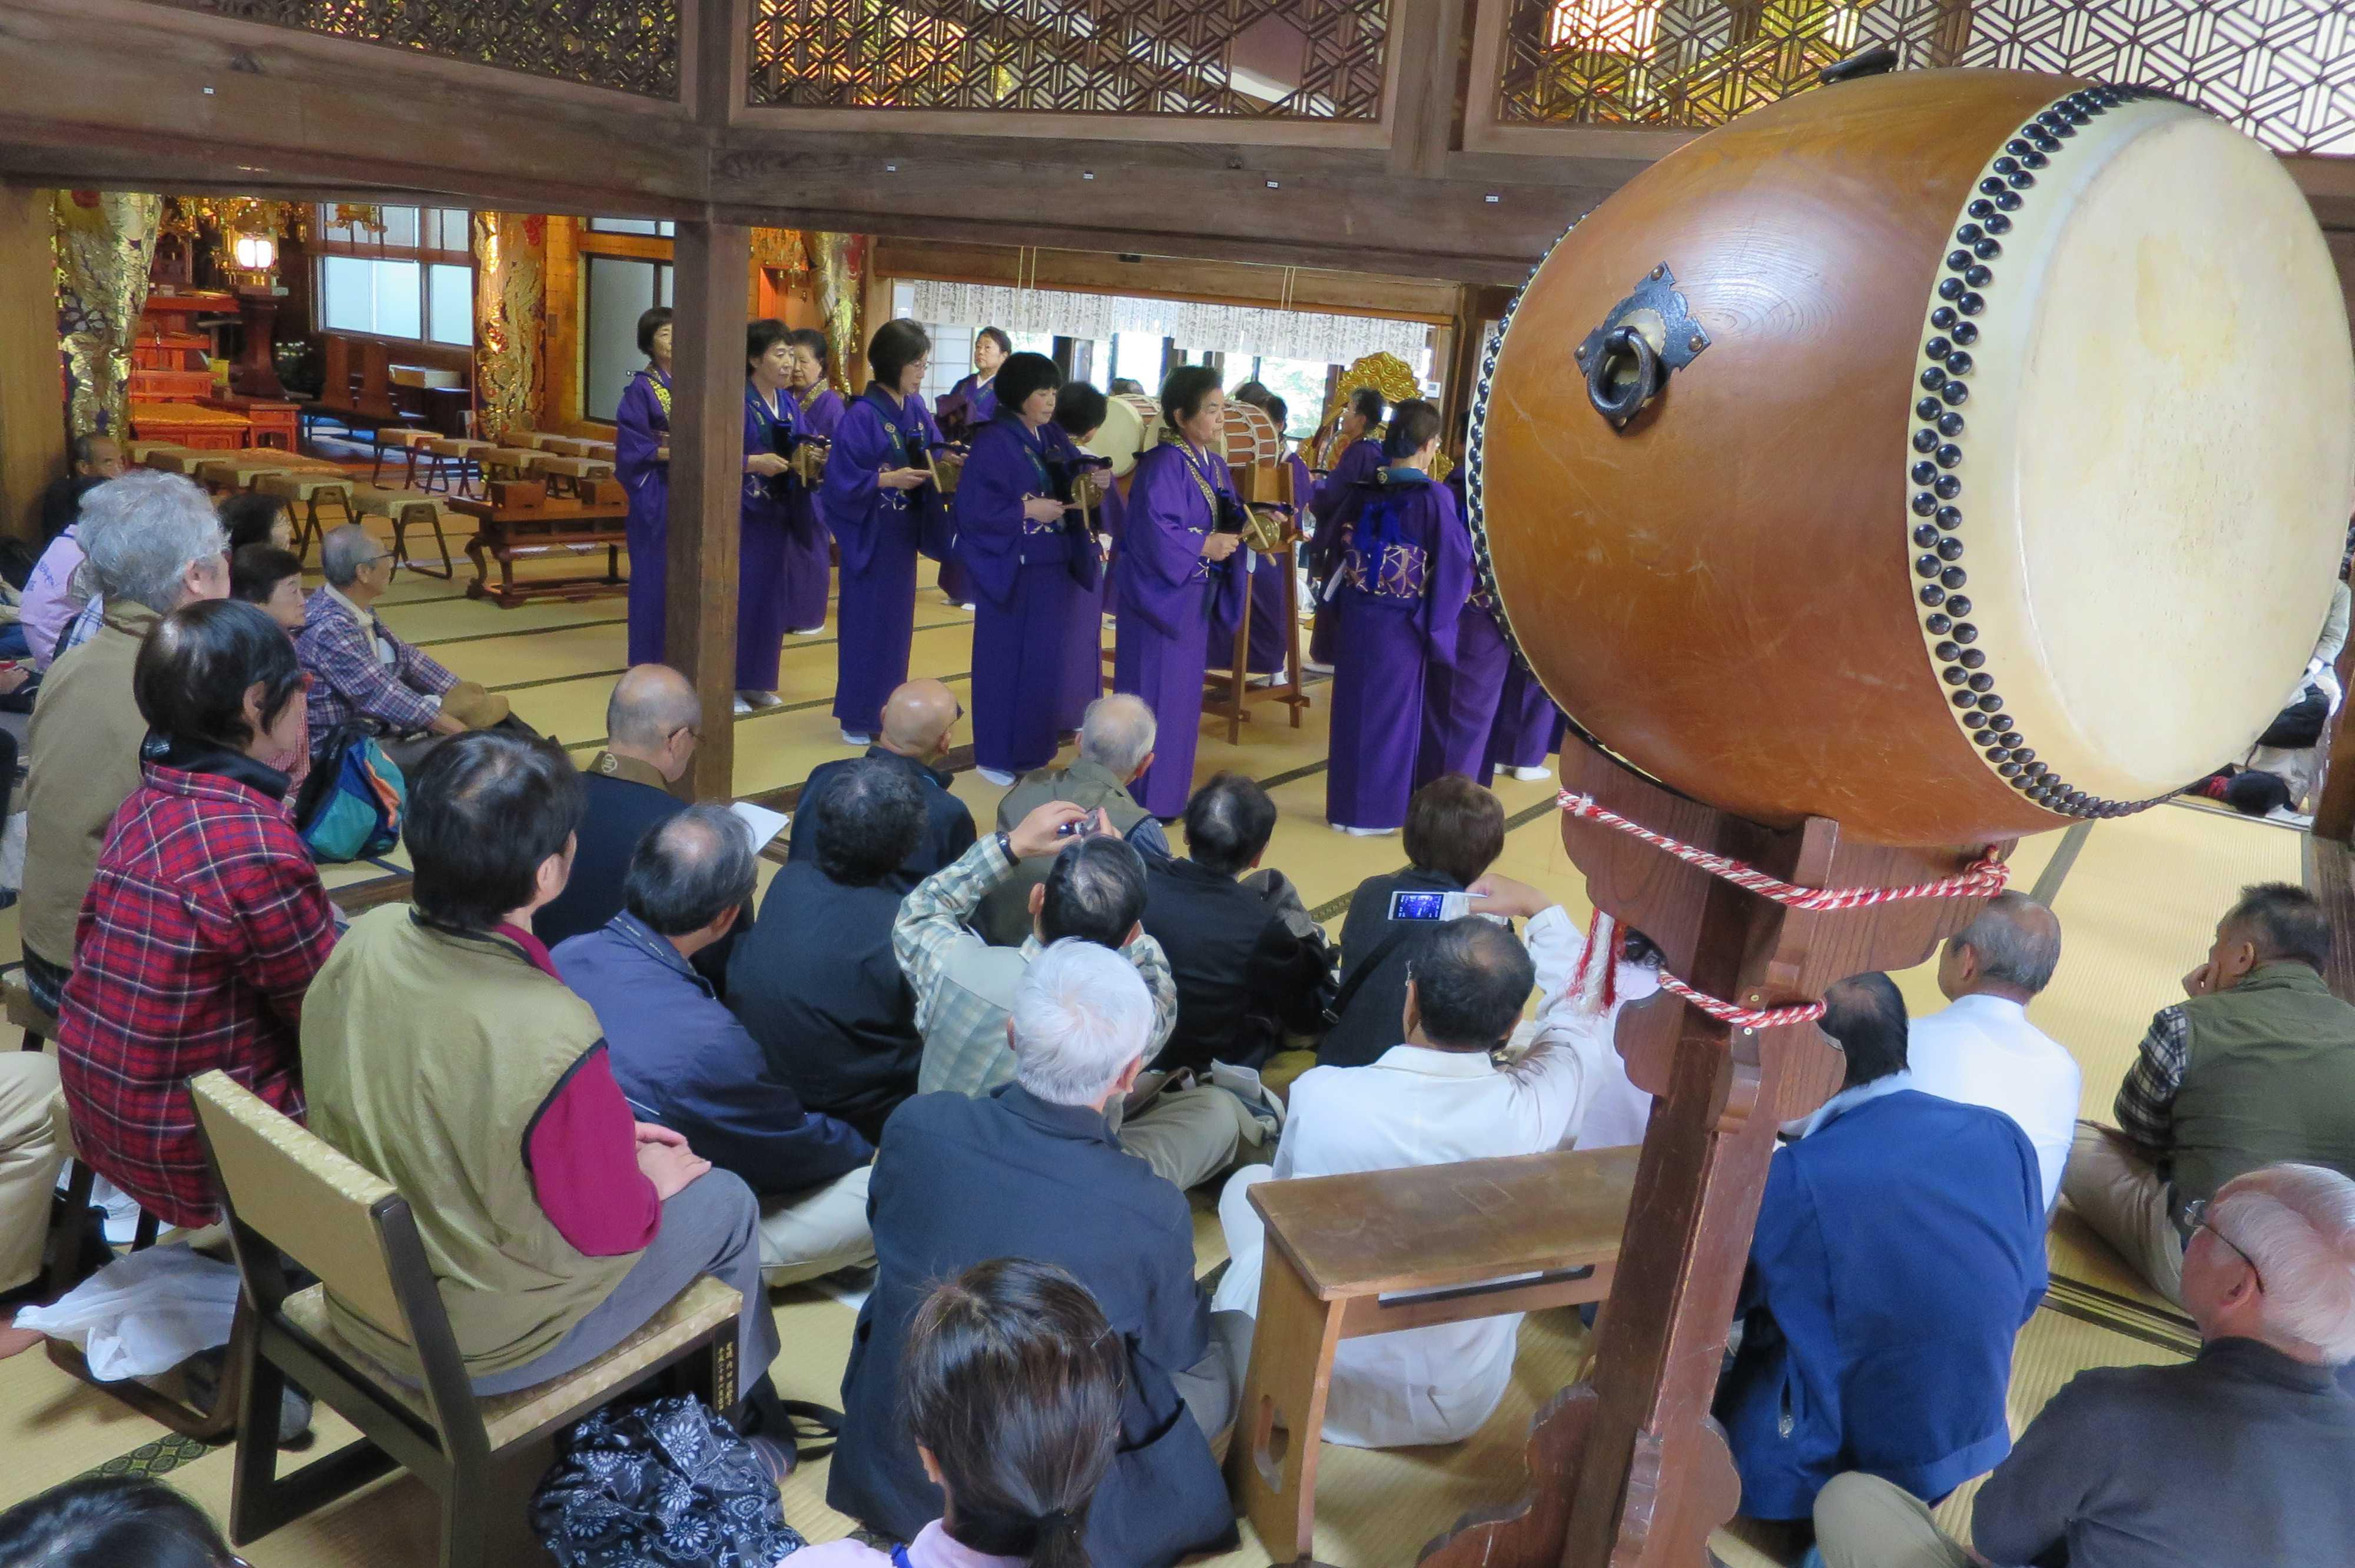 無量光寺の踊り念仏 - 踊り念仏の様子